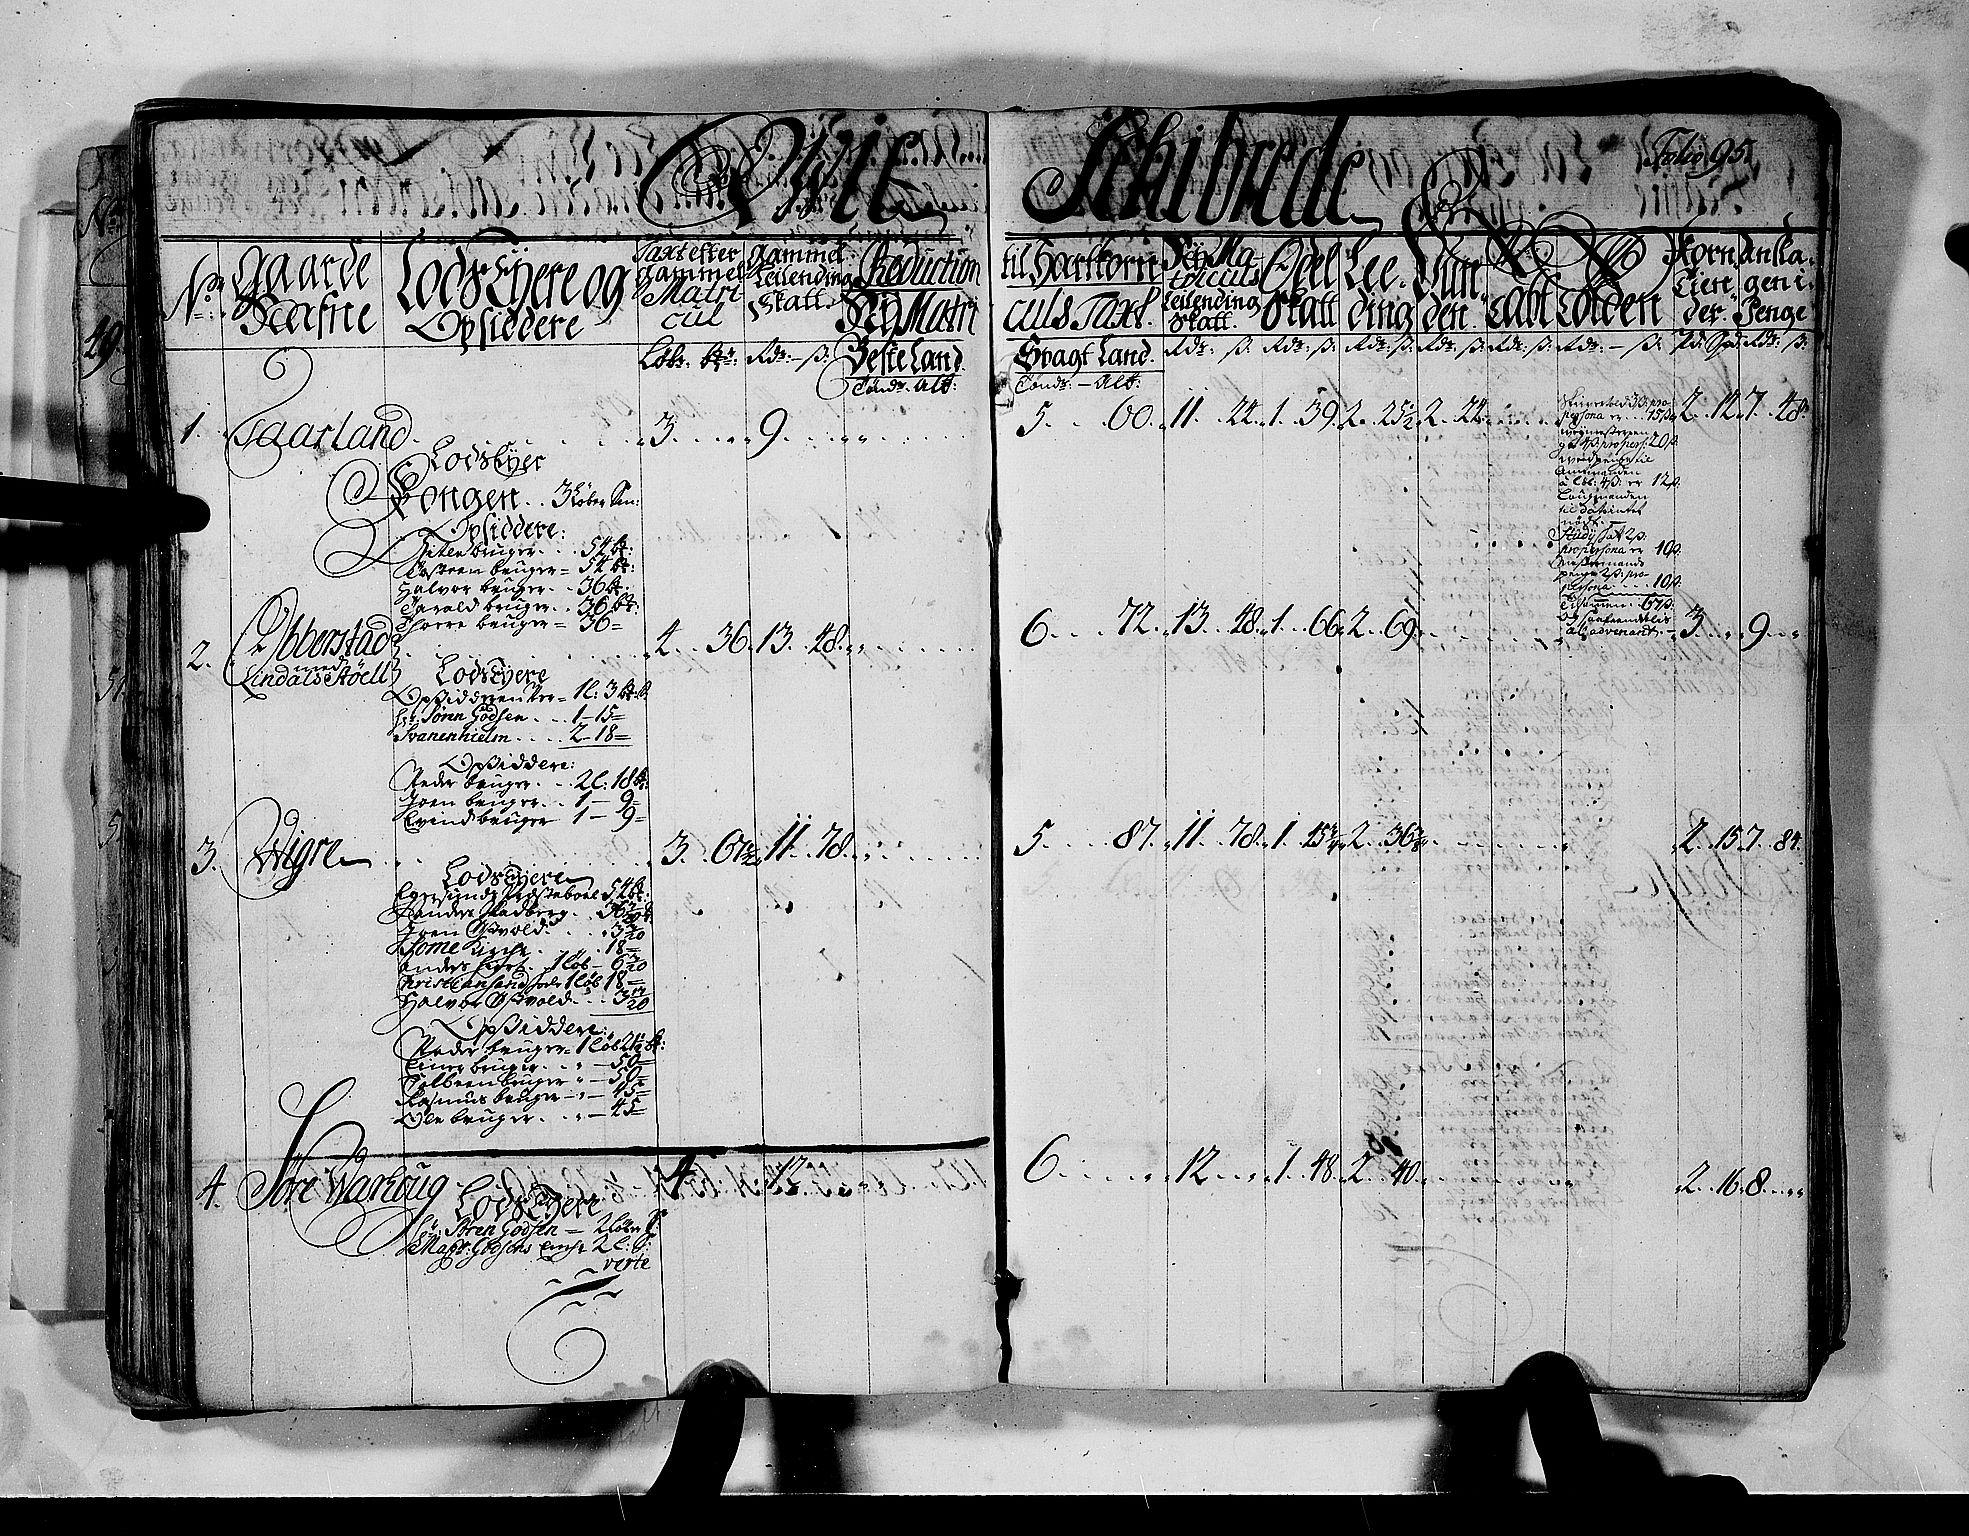 RA, Rentekammeret inntil 1814, Realistisk ordnet avdeling, N/Nb/Nbf/L0132: Jæren og Dalane matrikkelprotokoll, 1723, s. 94b-95a